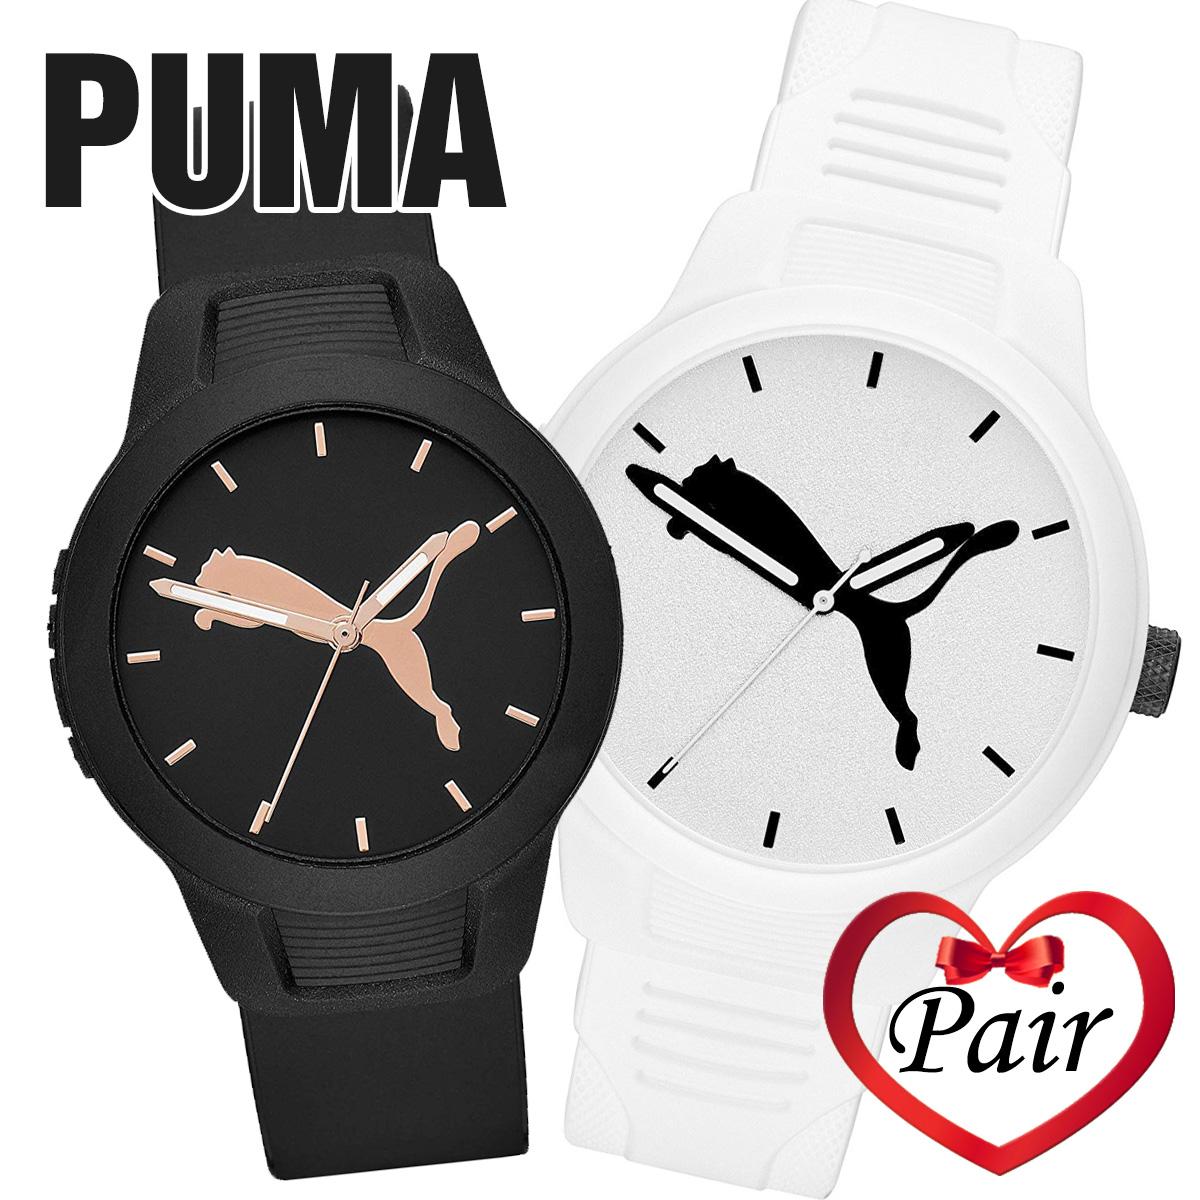 【全品送料無料】 【ペア特価】プーマ PUMA RESET V2 時計 腕時計 クオーツ P1006 P1013 P1023 P5003 P5004 P5012 P5014 P5015 P5023 P5026